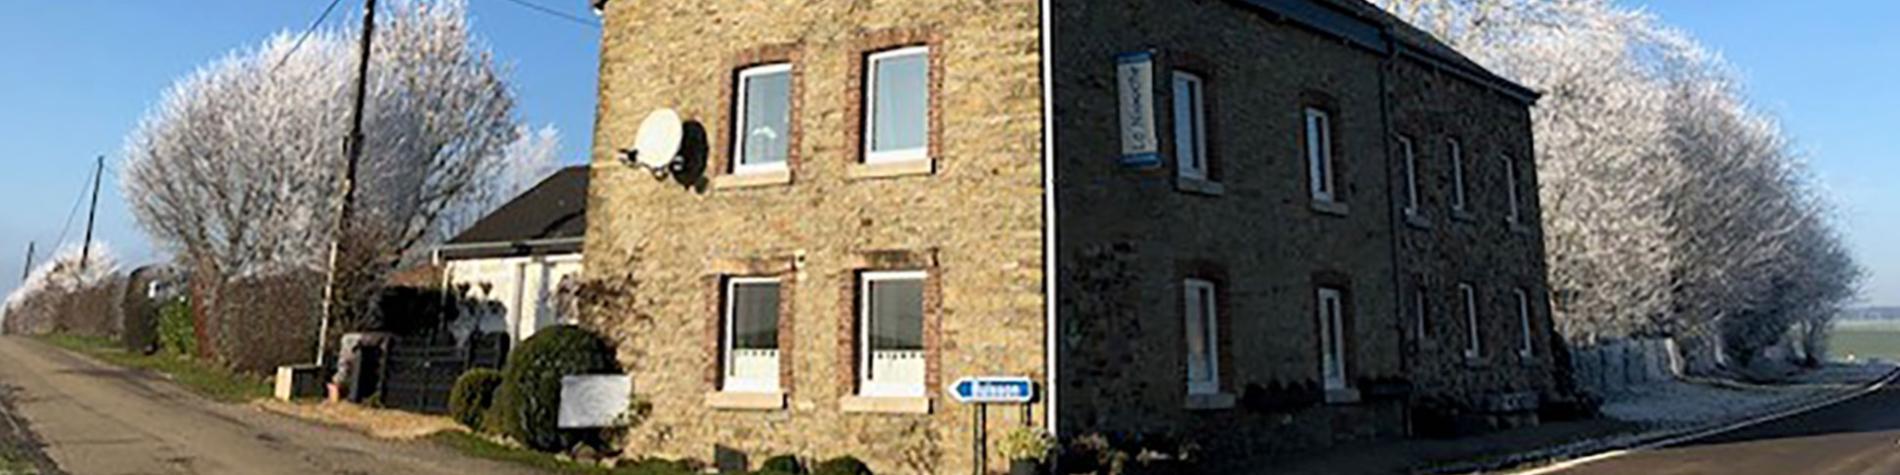 Maison d'hôtes La Niouche à La Roche-en-Ardenne